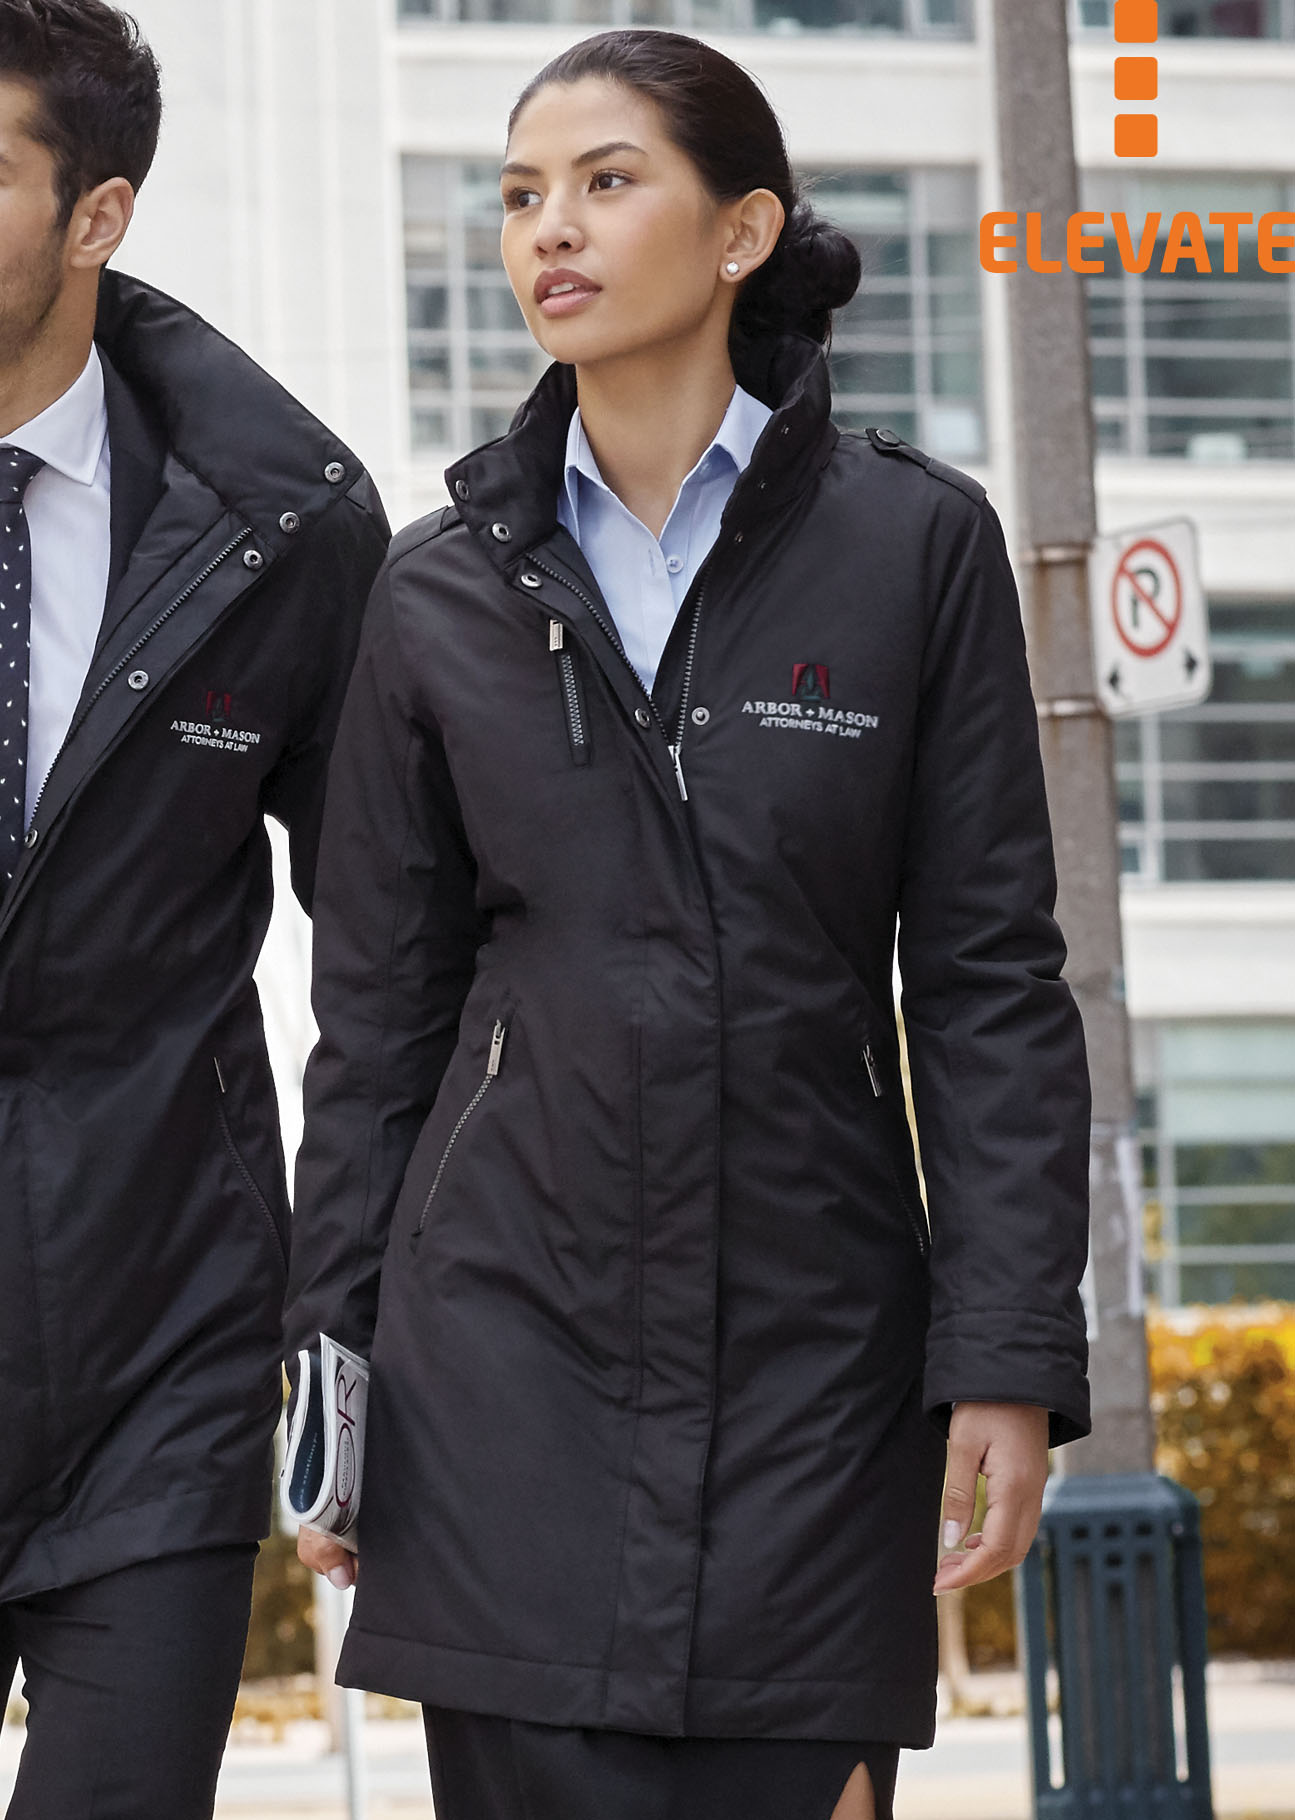 Merkur Damen Werbemittel Besticken Mantel Elevate Business « OwgxqZ